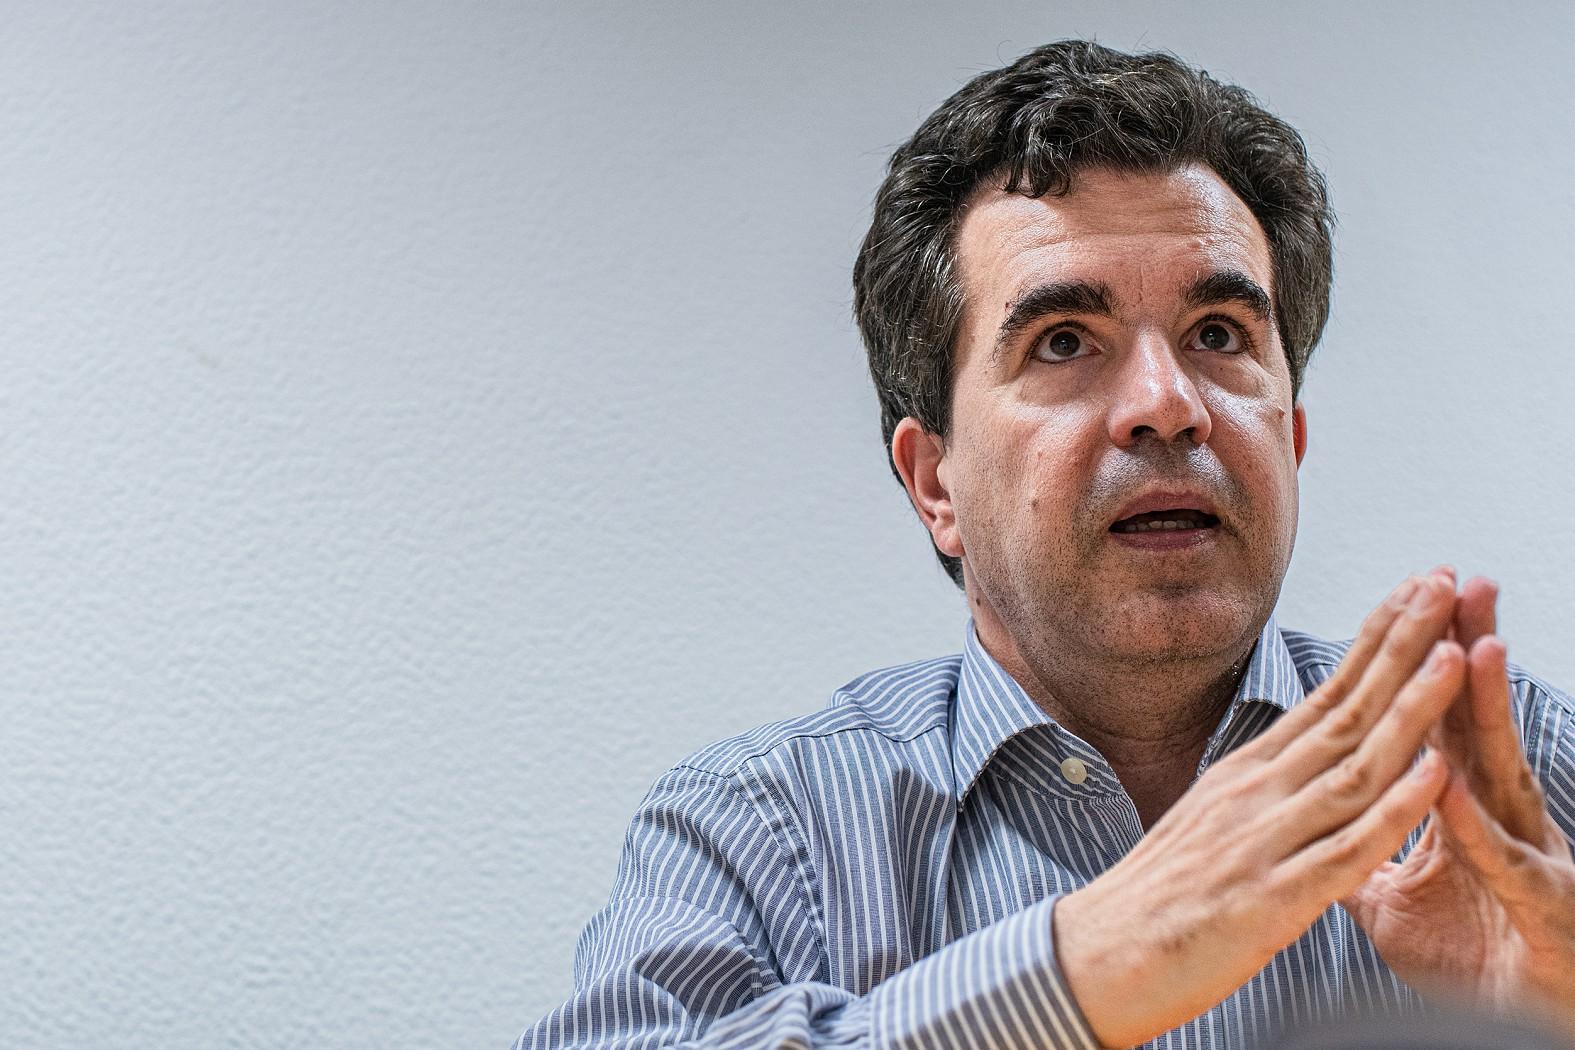 Pedro Caetano: